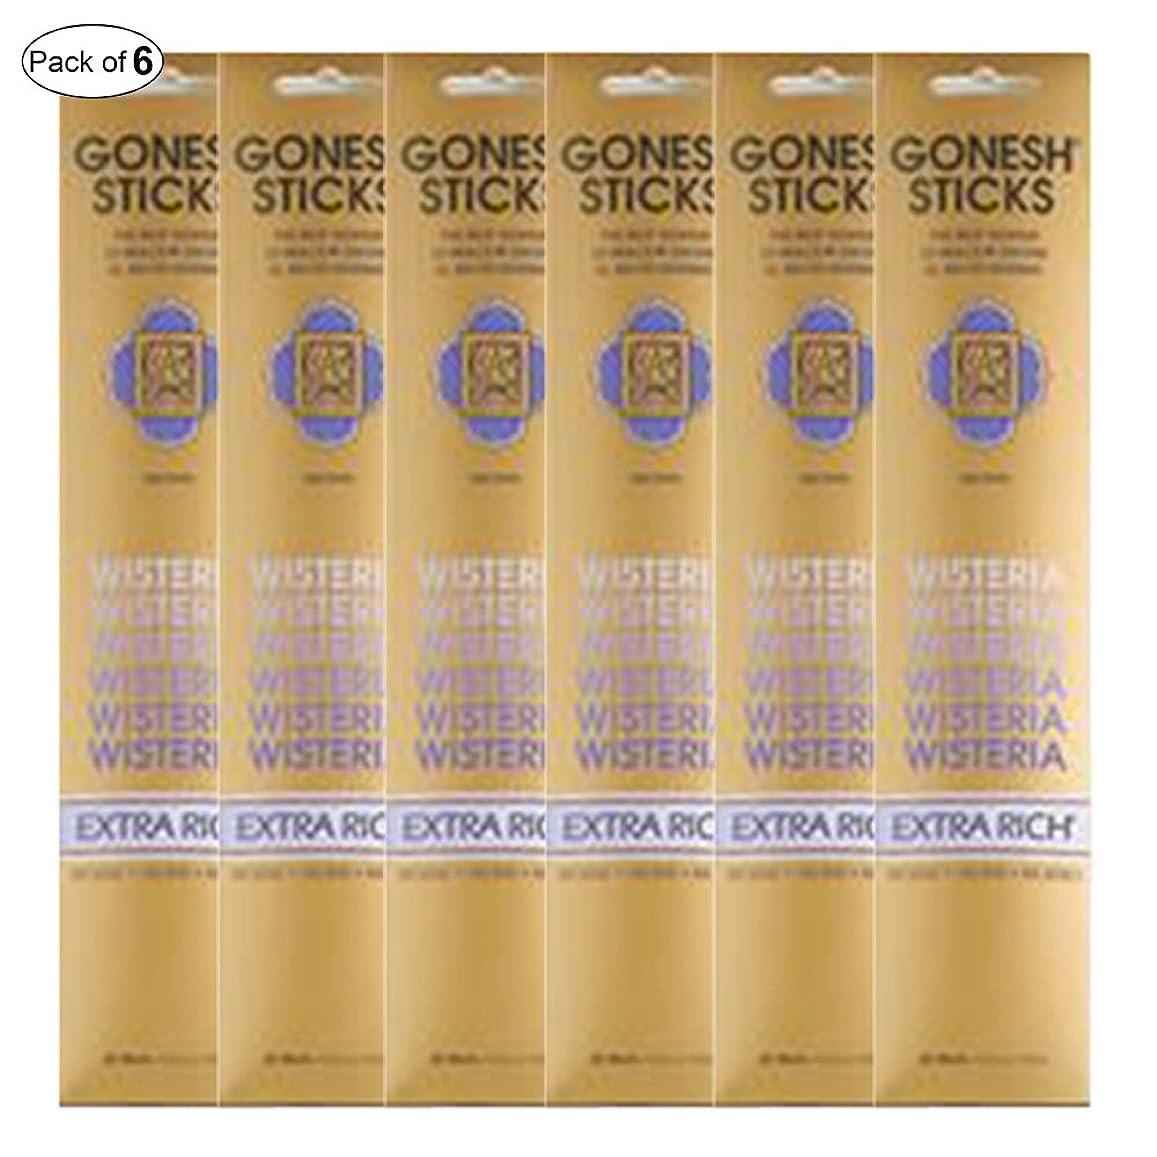 薬剤師引っ張る保持Gonesh Incense Extra rich- Wisteria ( 20?Sticks in 1パック) (パックof 6?)